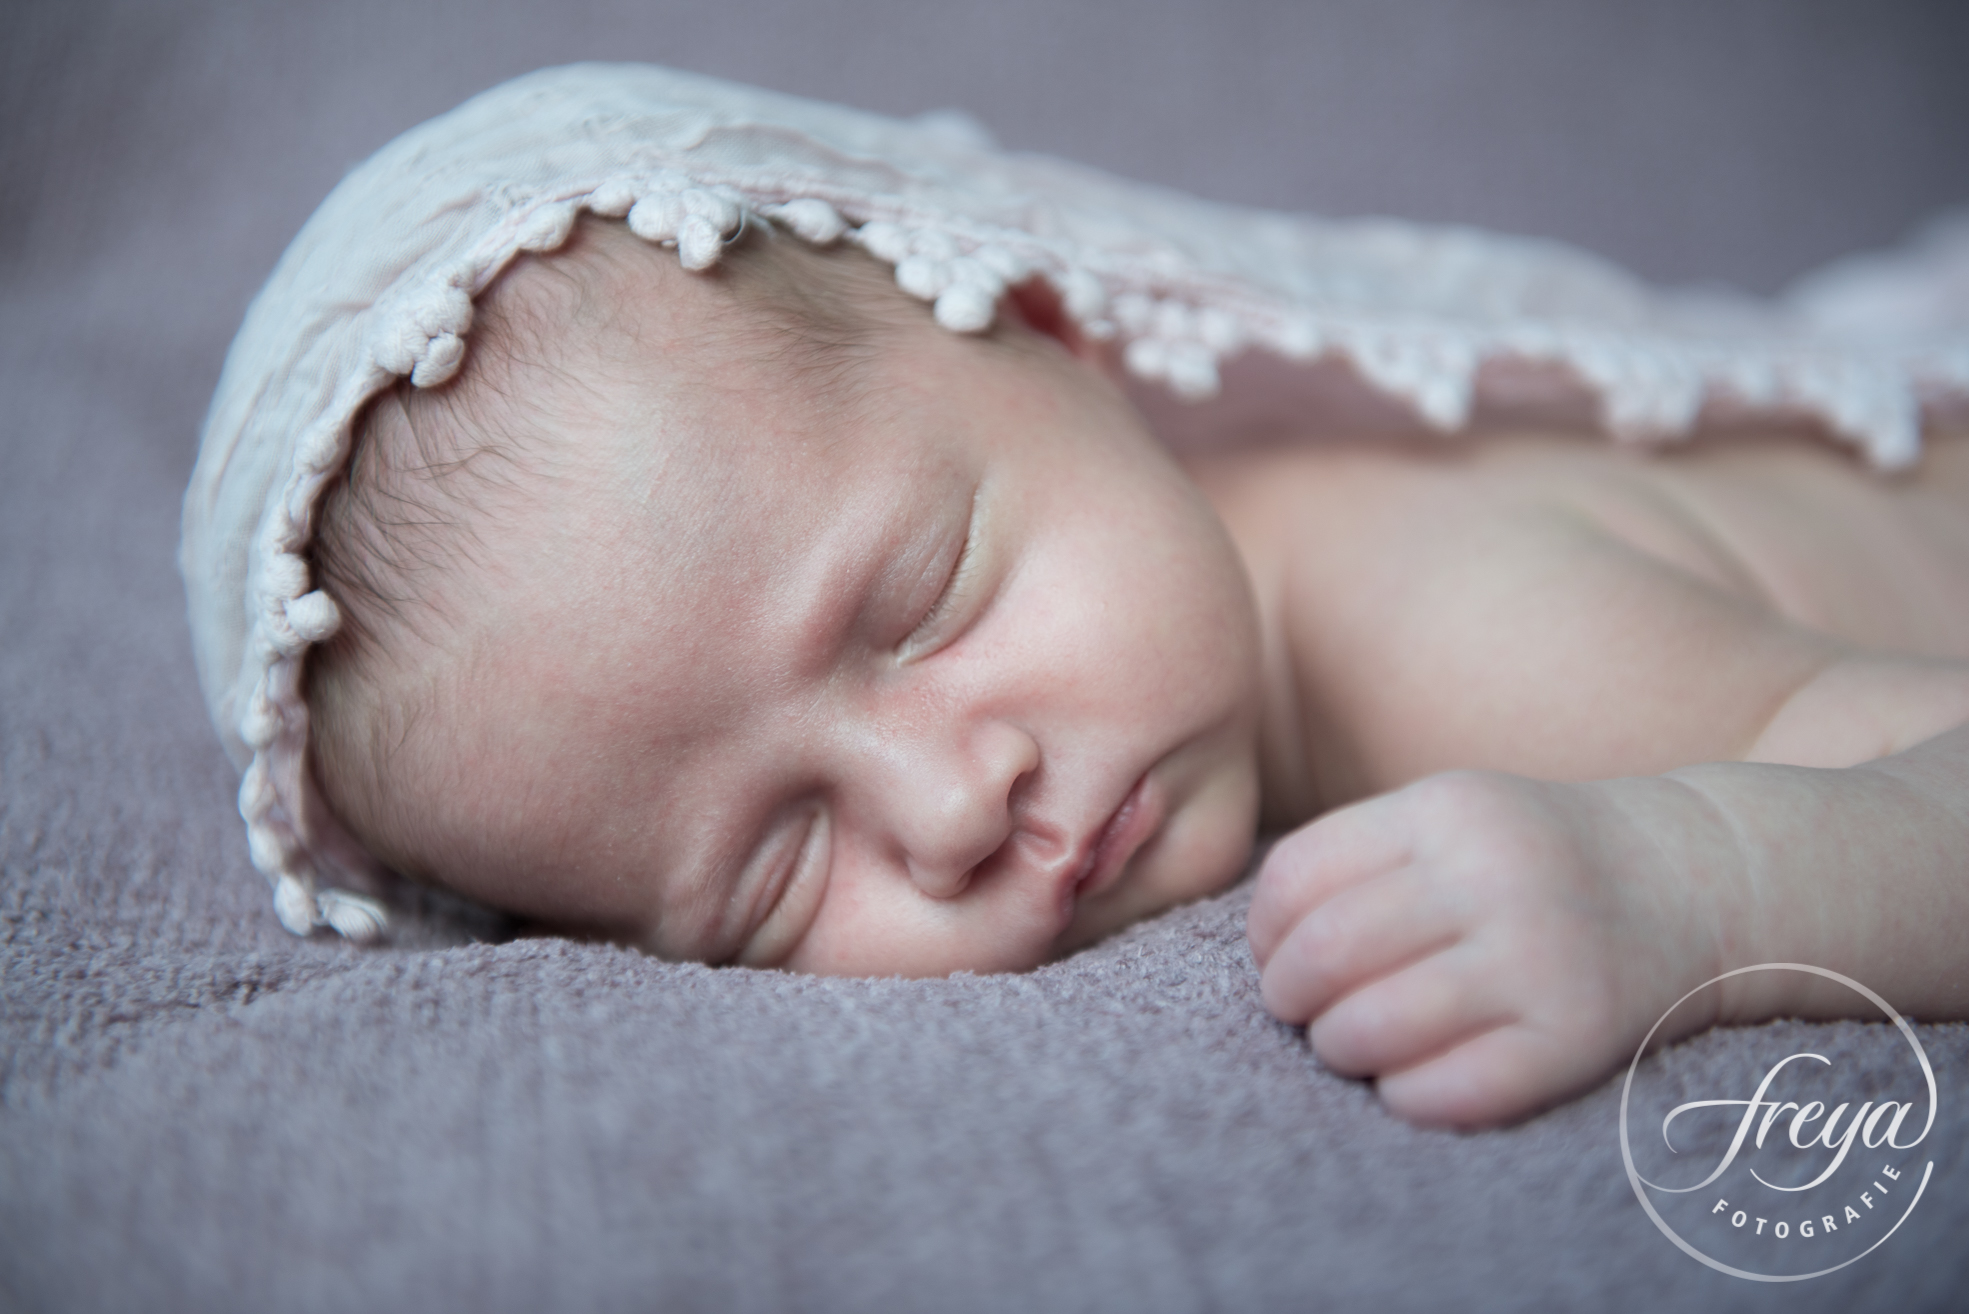 Newborn baby Jayda - Trouwfotografie Freya - 008